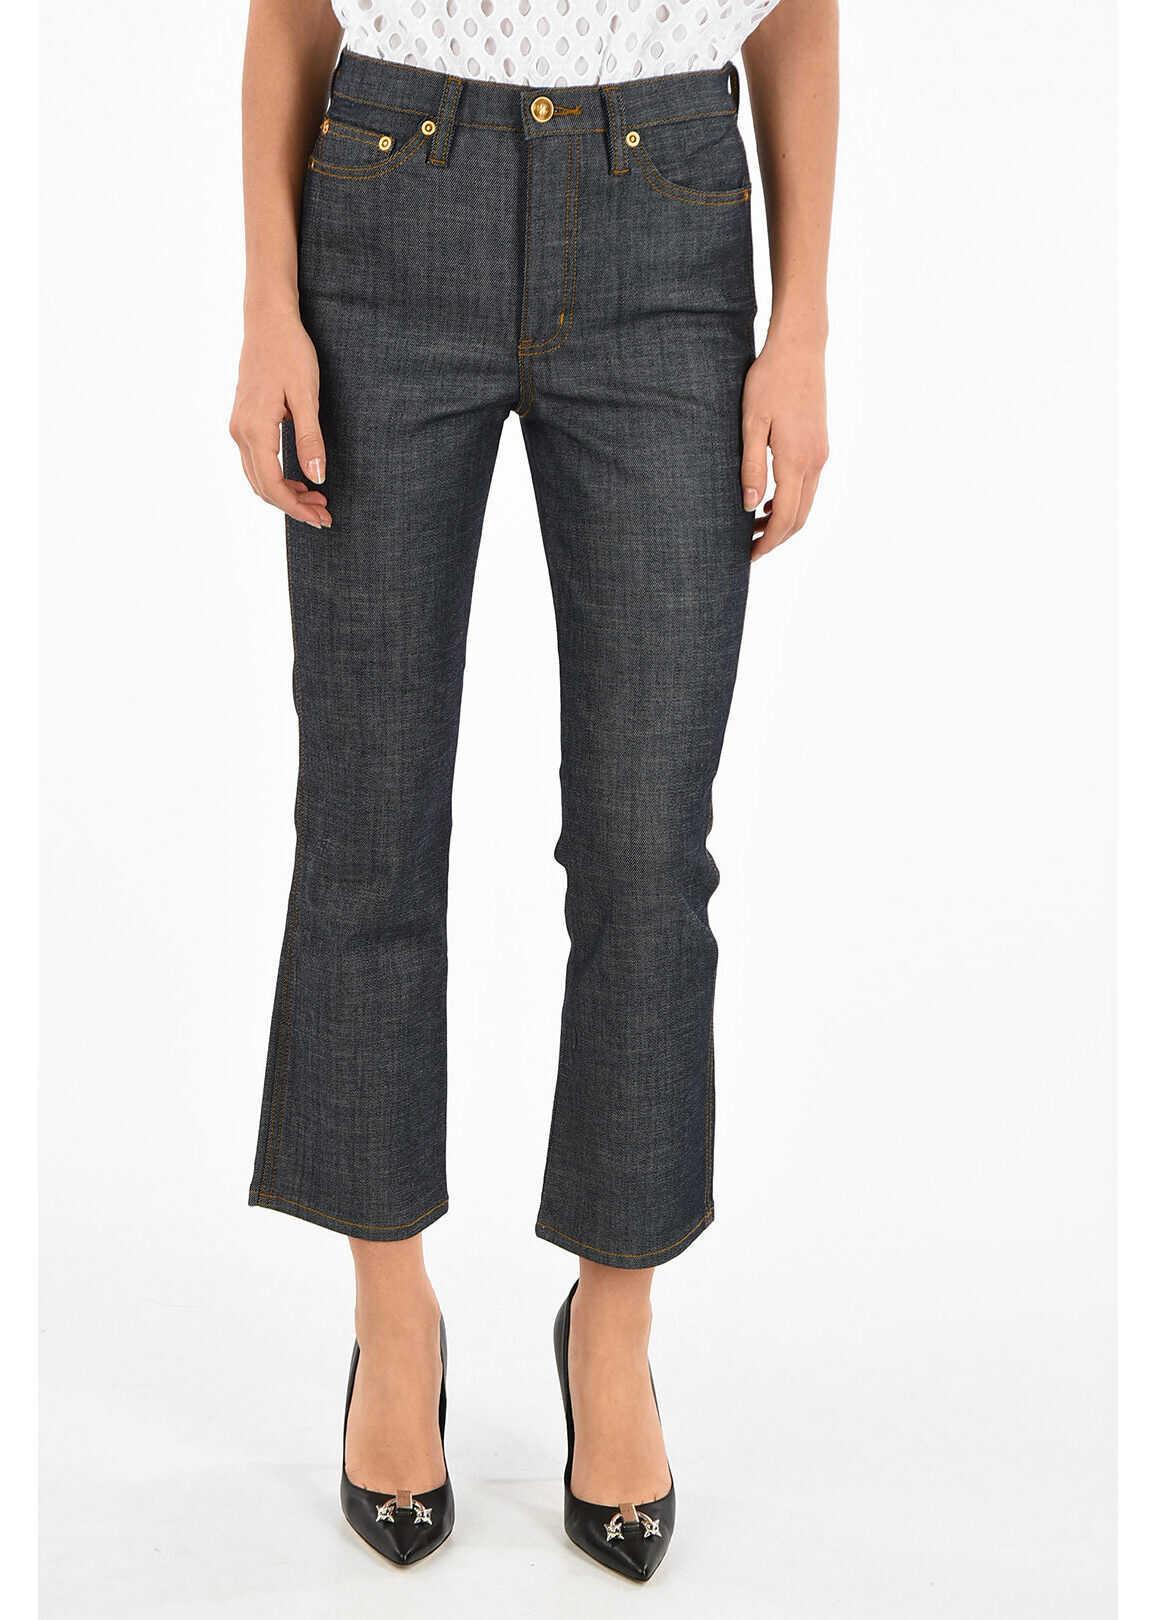 Tory Burch 20cm Stretch Denim Jeans BLUE